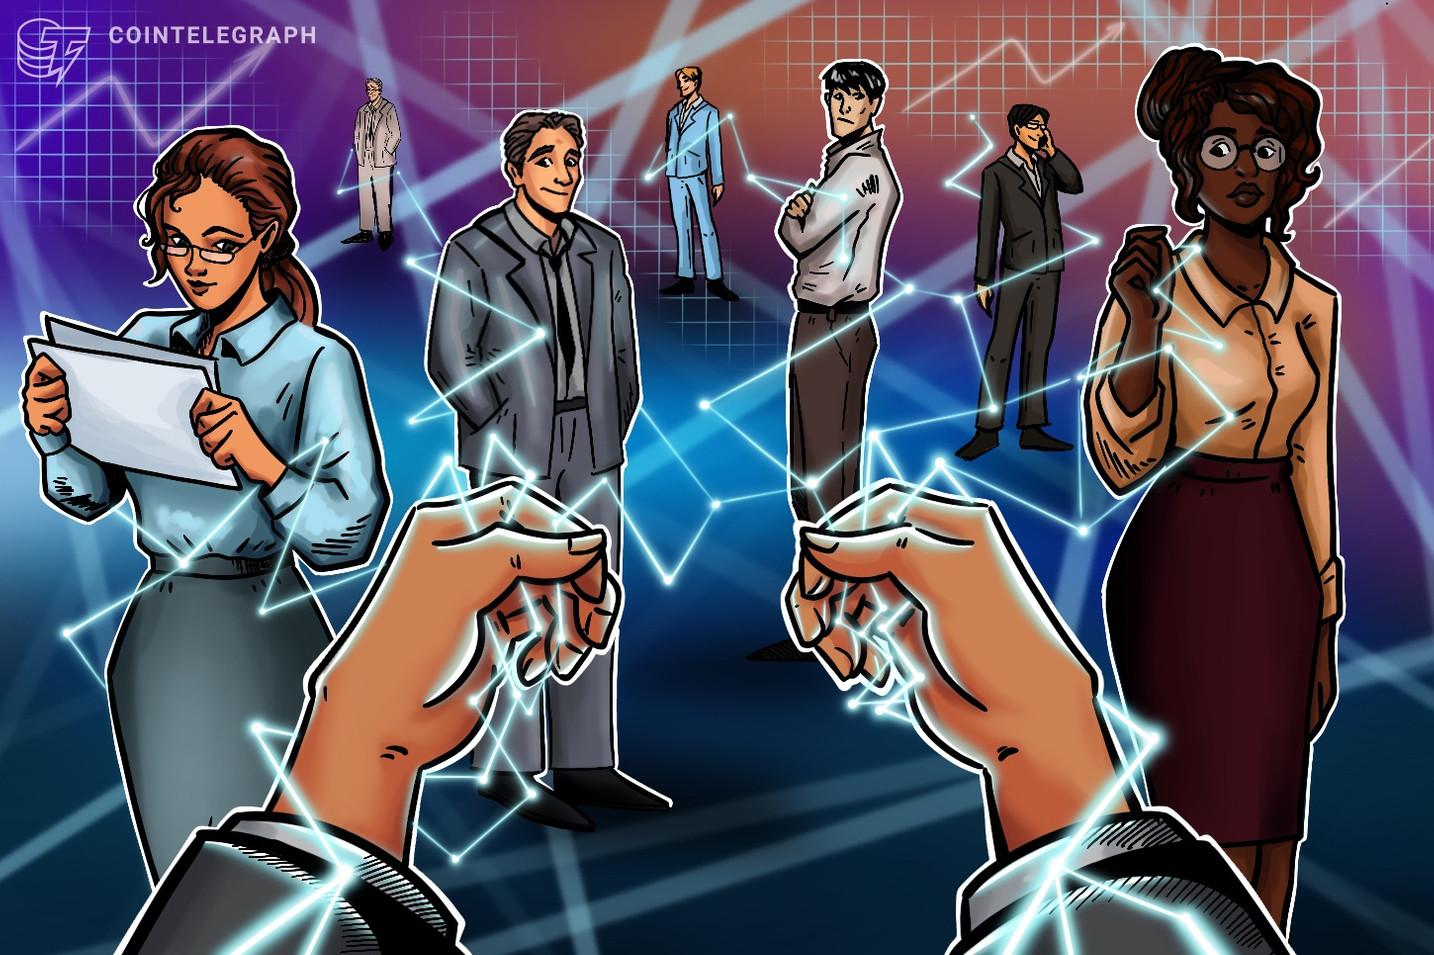 ブロックチェーン業界で働く半数近く、仮想通貨取引所に勤務=米仮想通貨メディアが調査【ニュース】